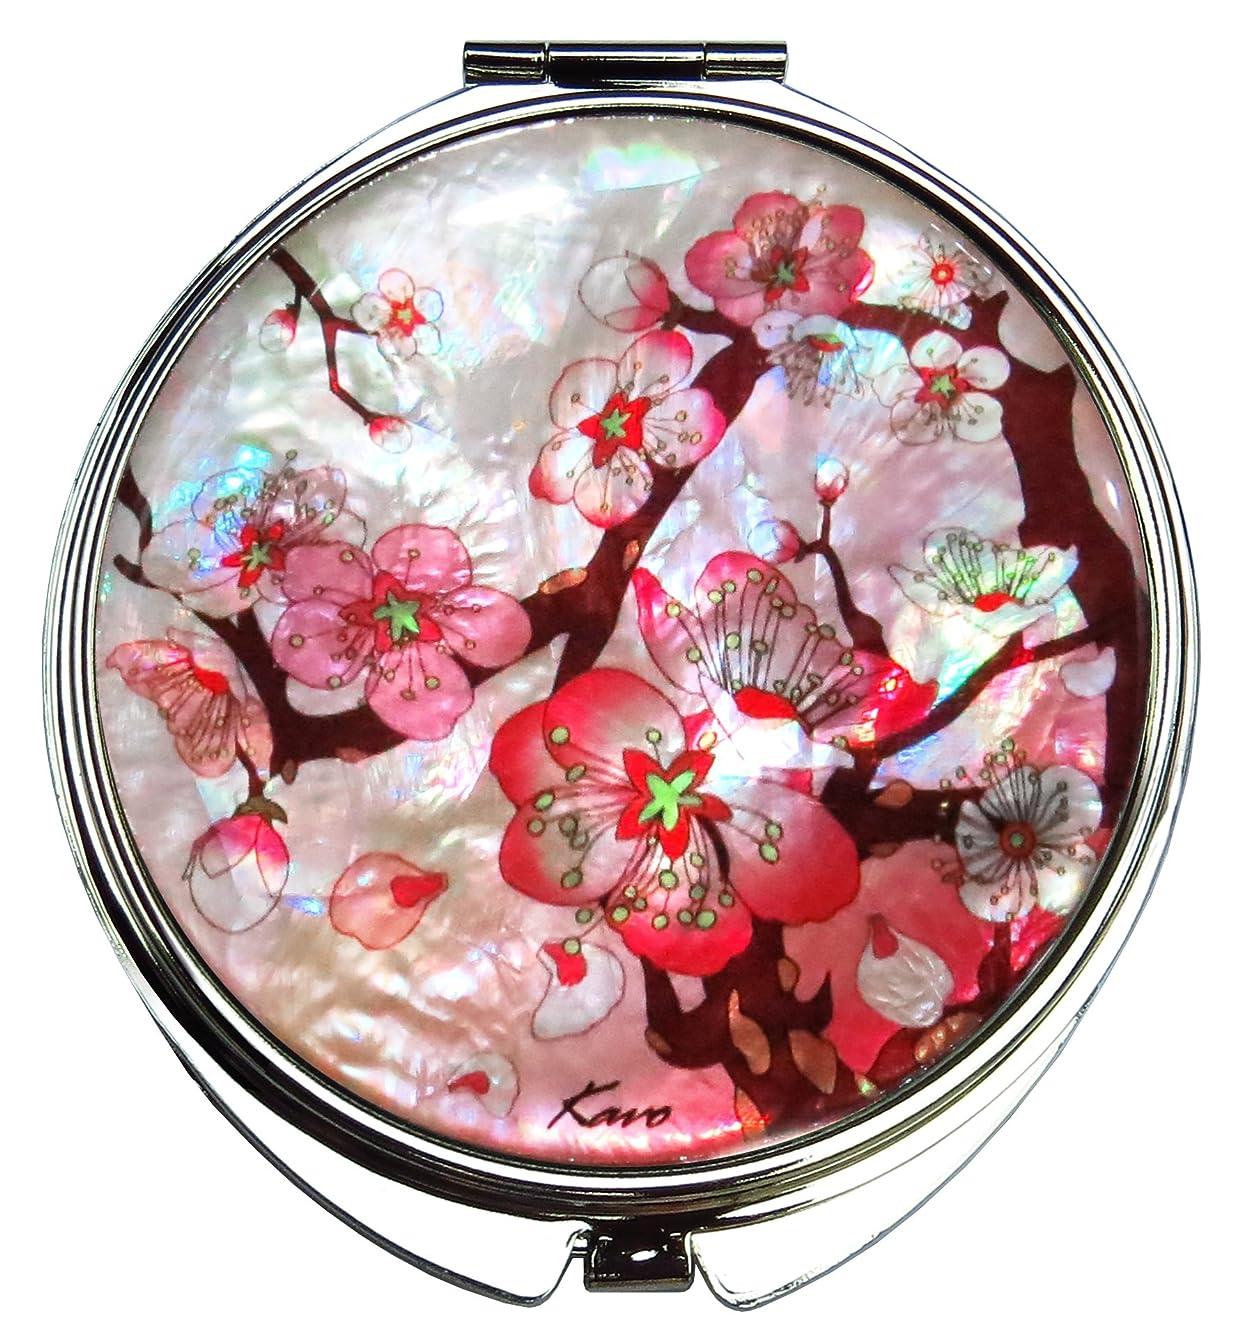 踏み台バリア請求桜(さくら) の螺鈿(らでん)の金属デュアルコンパクトな折りたたみと拡大の化粧鏡 白灰色 [並行輸入品]